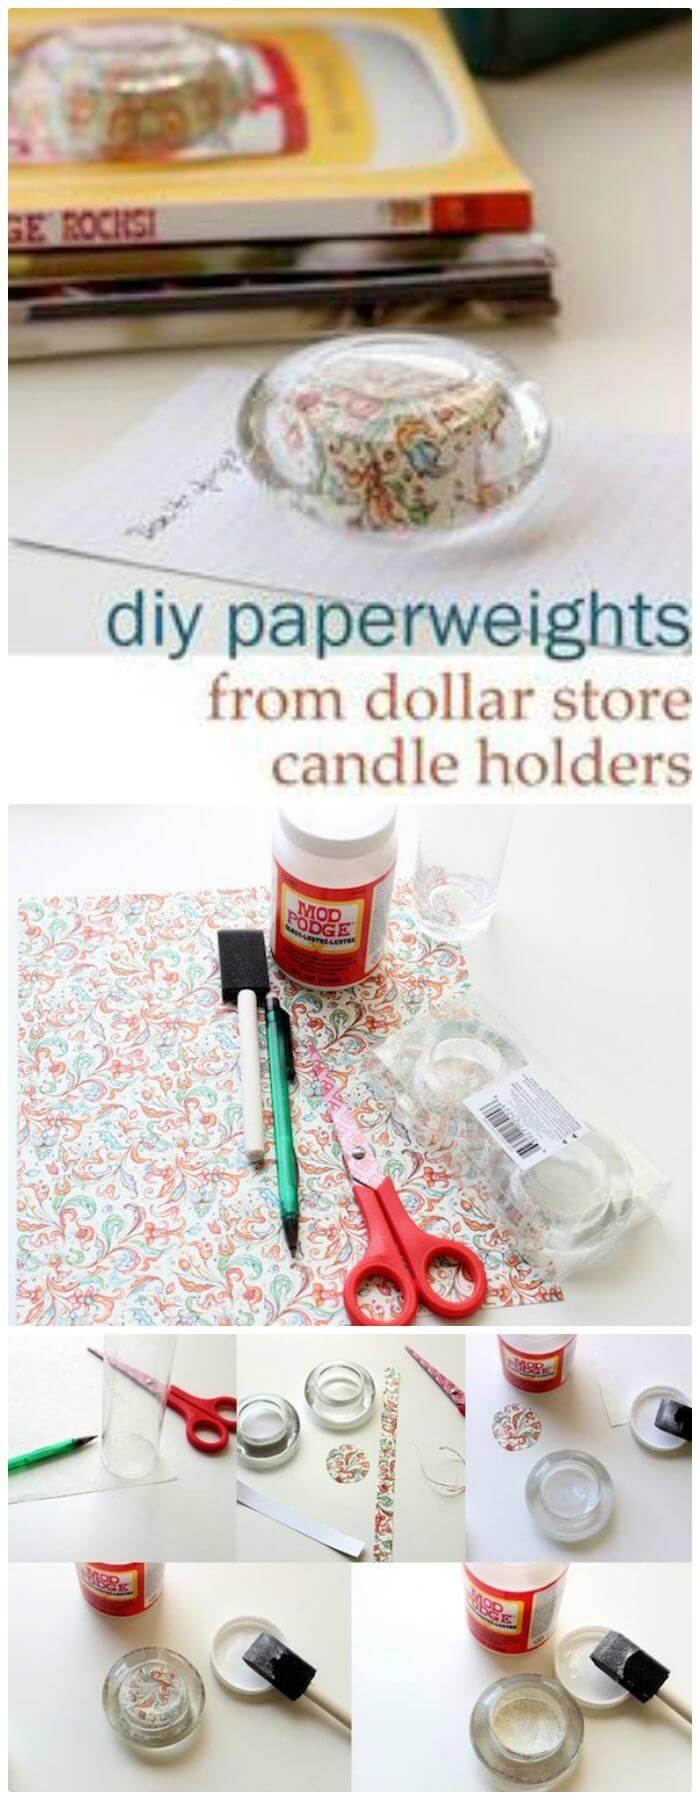 Haga pisapapeles con candelabros de vidrio: manualidades de bricolaje en Dollar Store